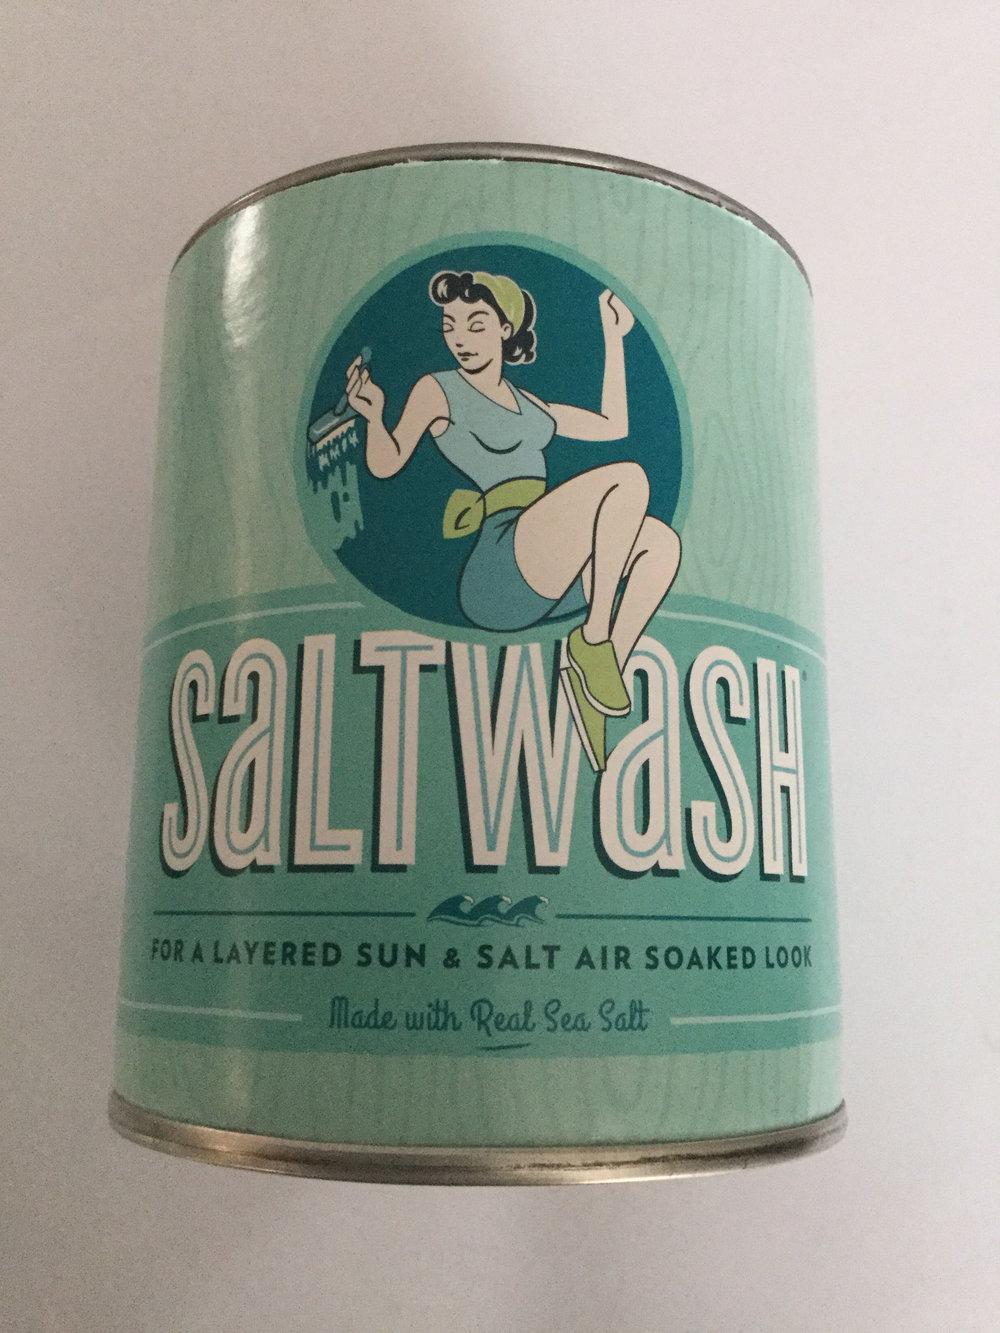 Saltwash1.jpg